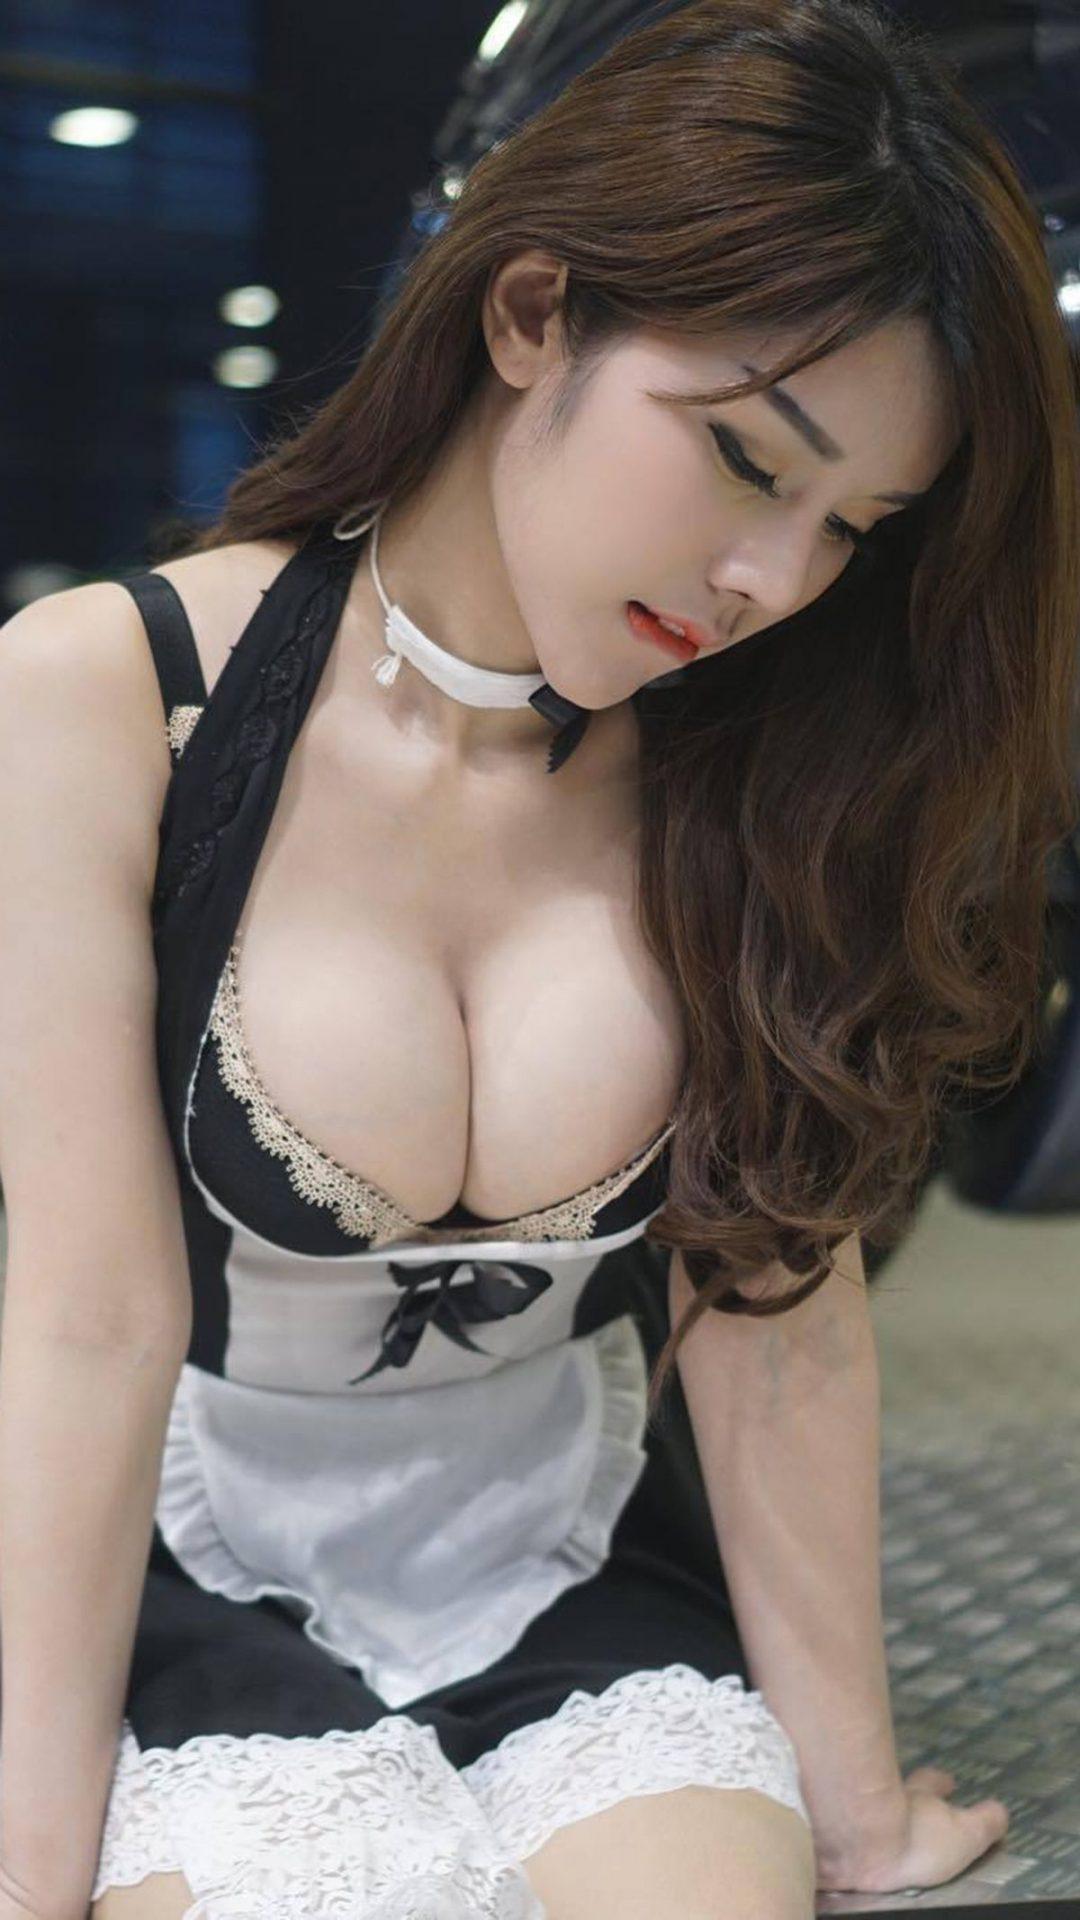 三次元 3次元 エロ画像  谷間 メイド べっぴん娘通信 14